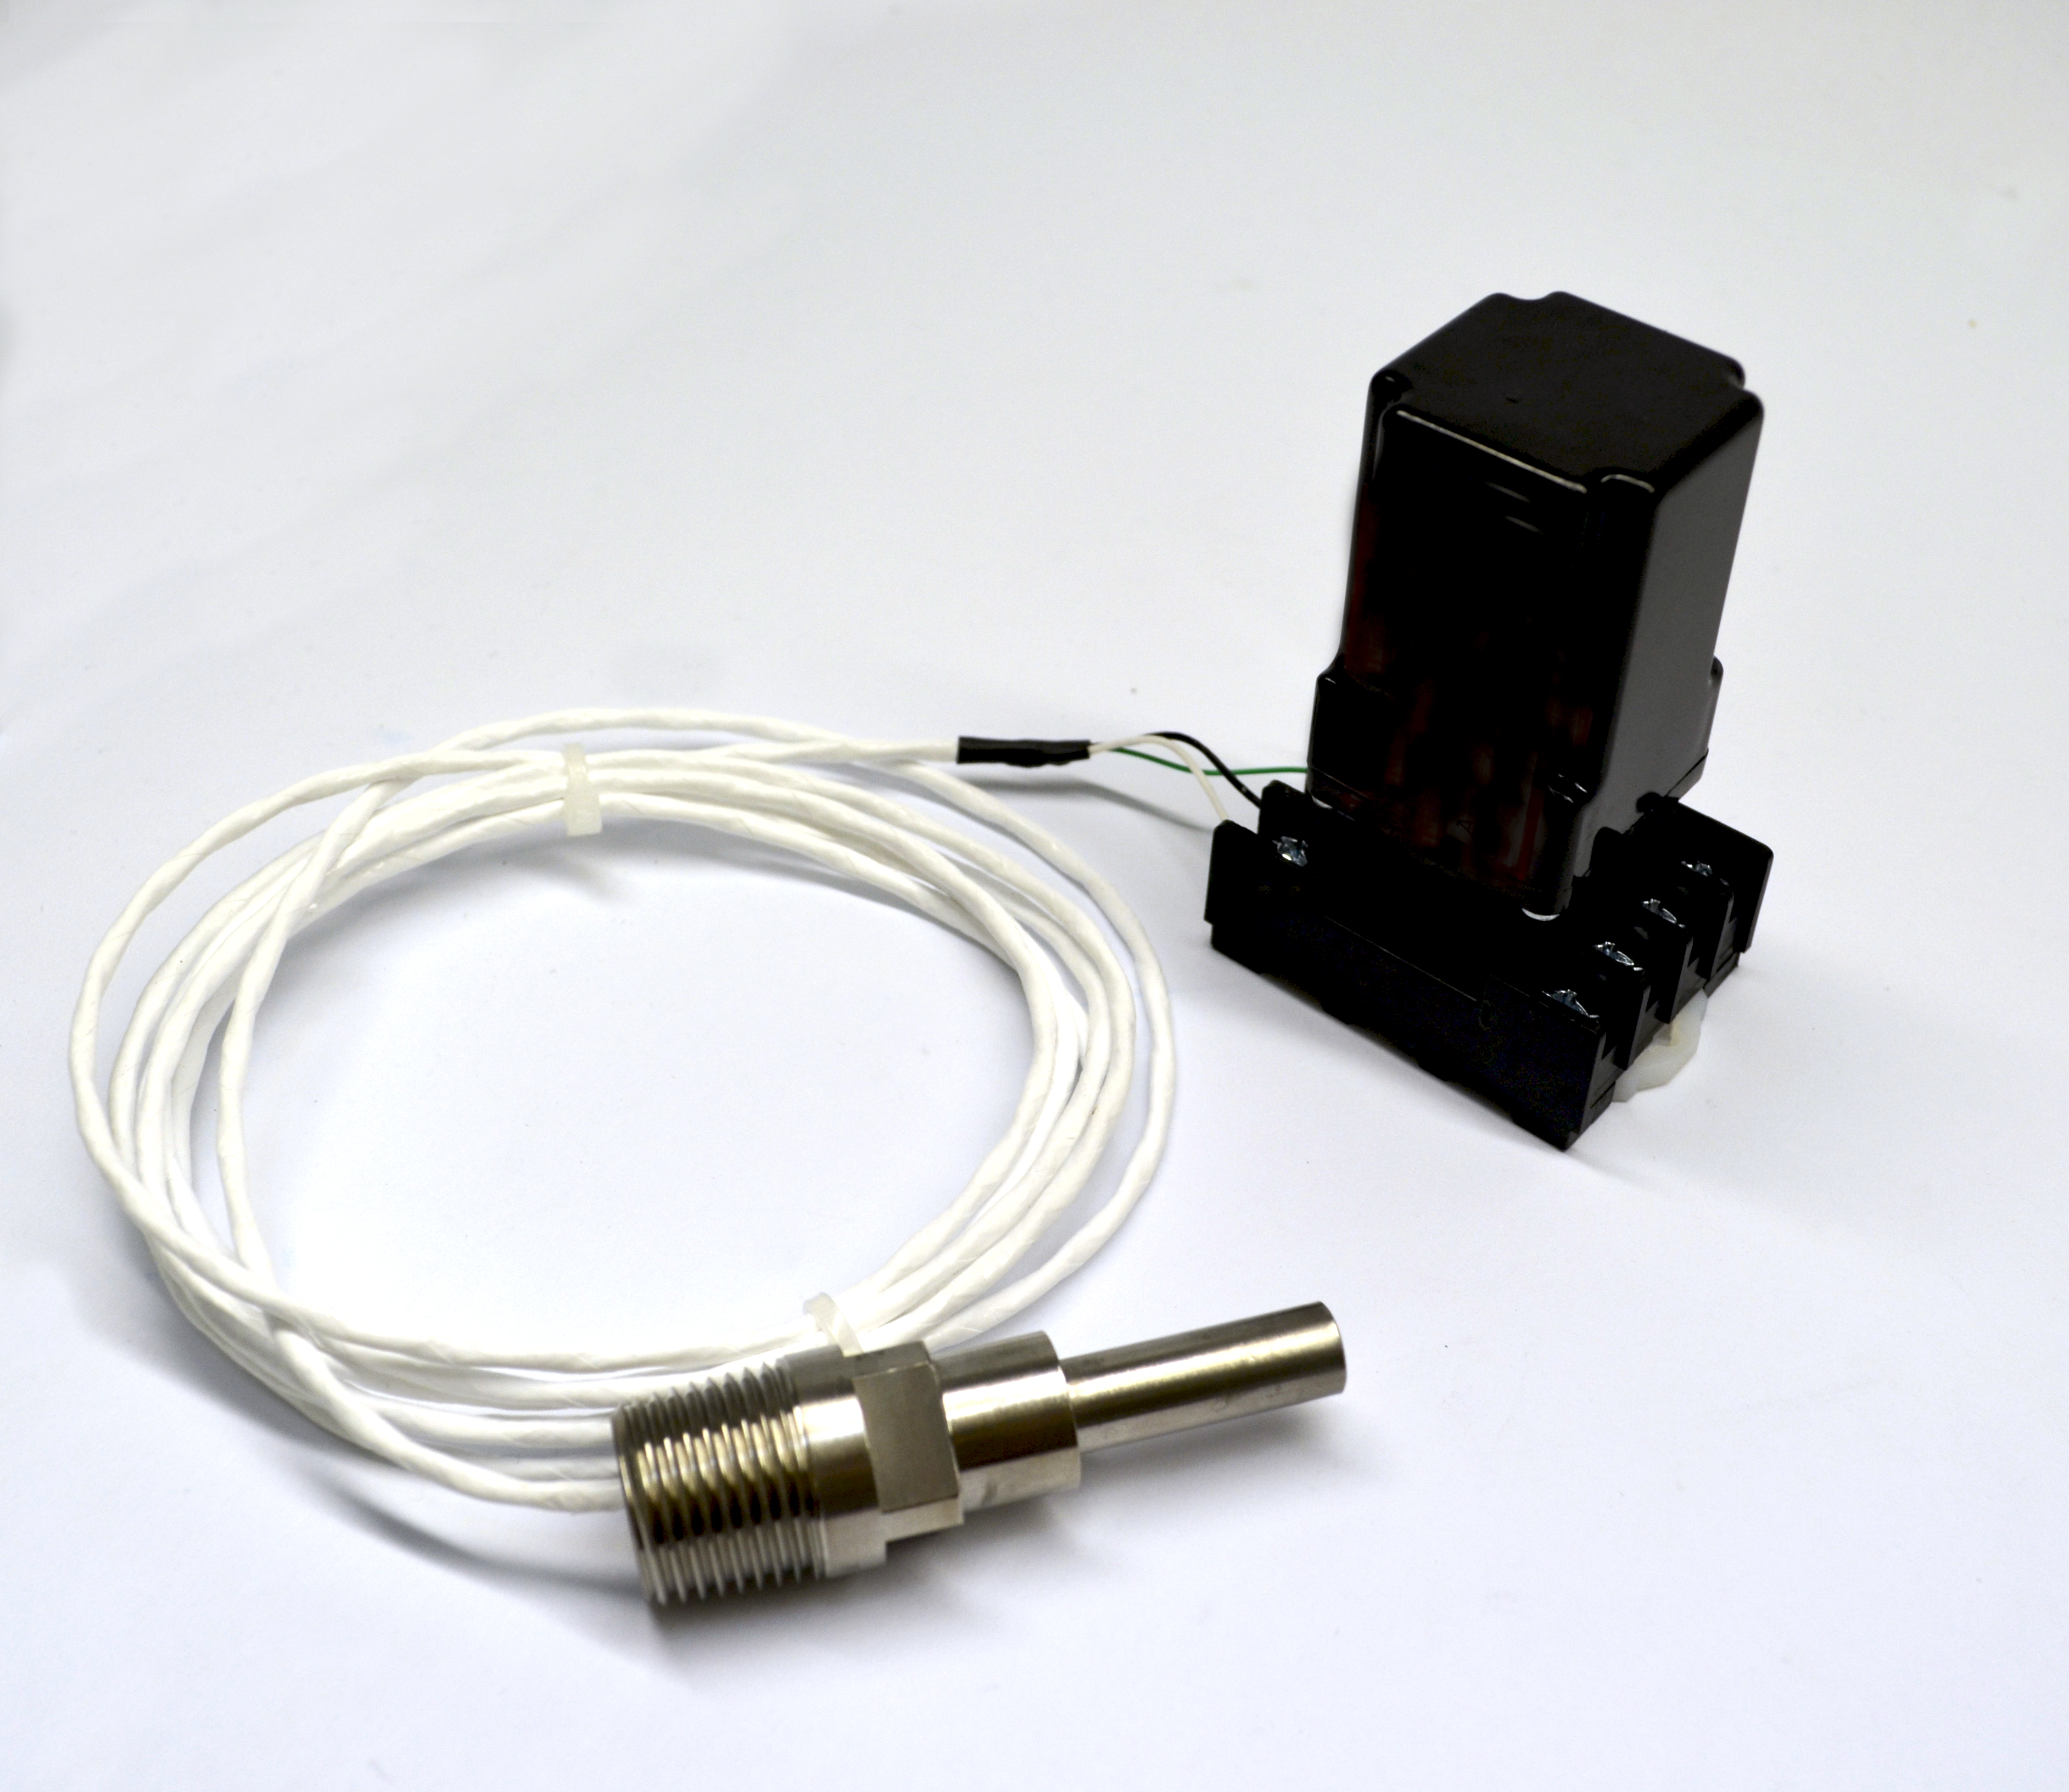 CAPM-15 High Temperature Sensor System